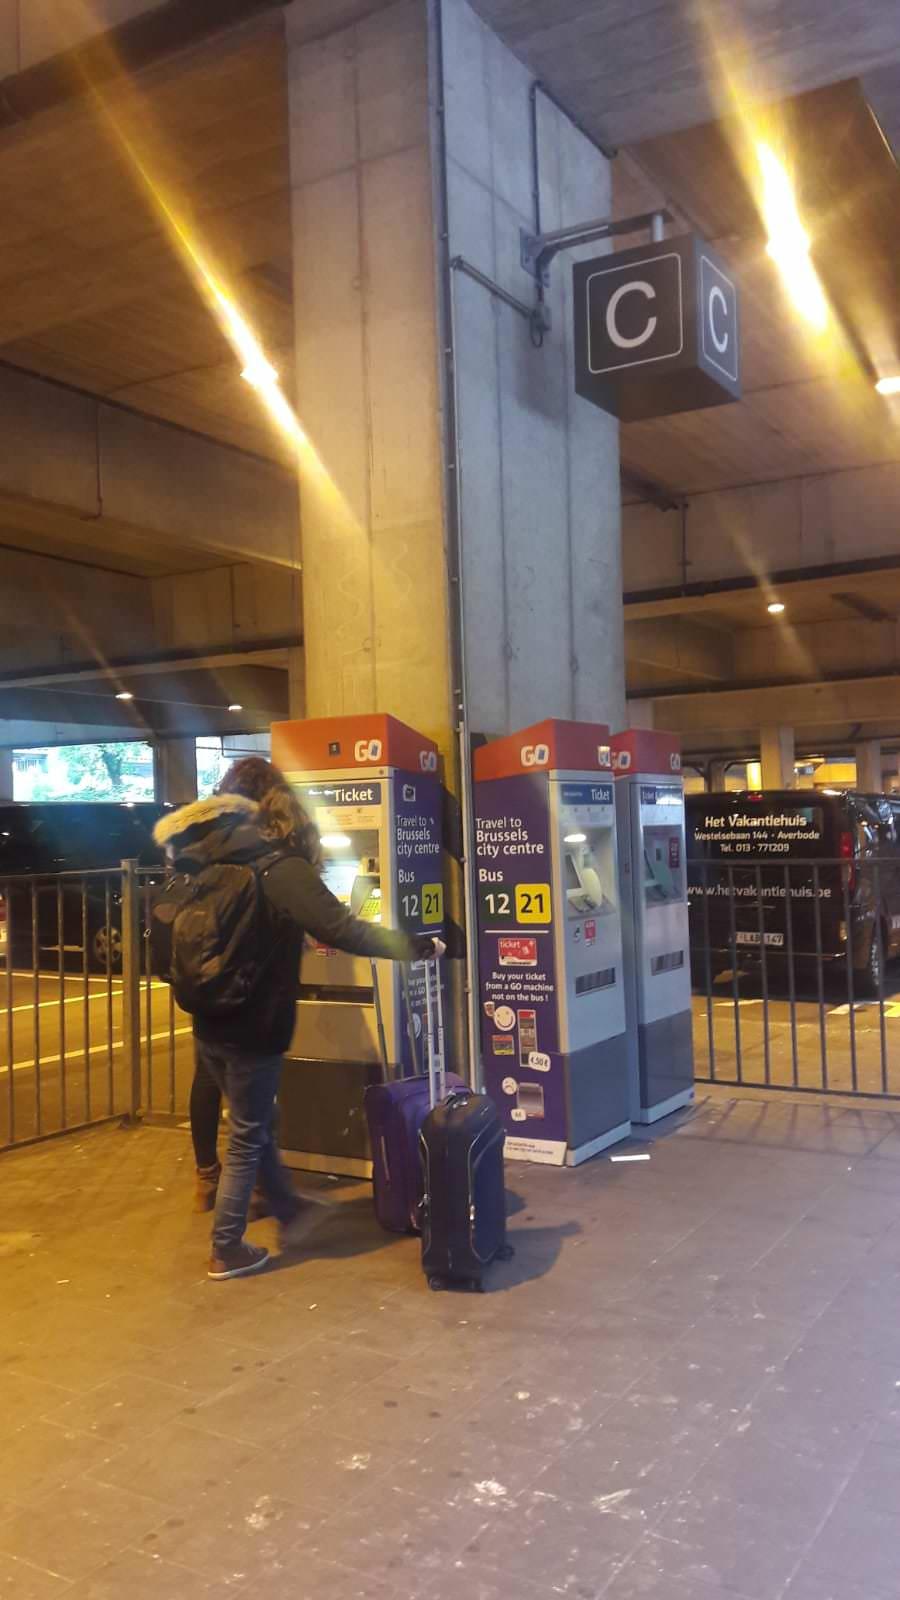 Máquina donde comprar los billetes para ir a Bruselas desde el aeropuerto, Bélgica